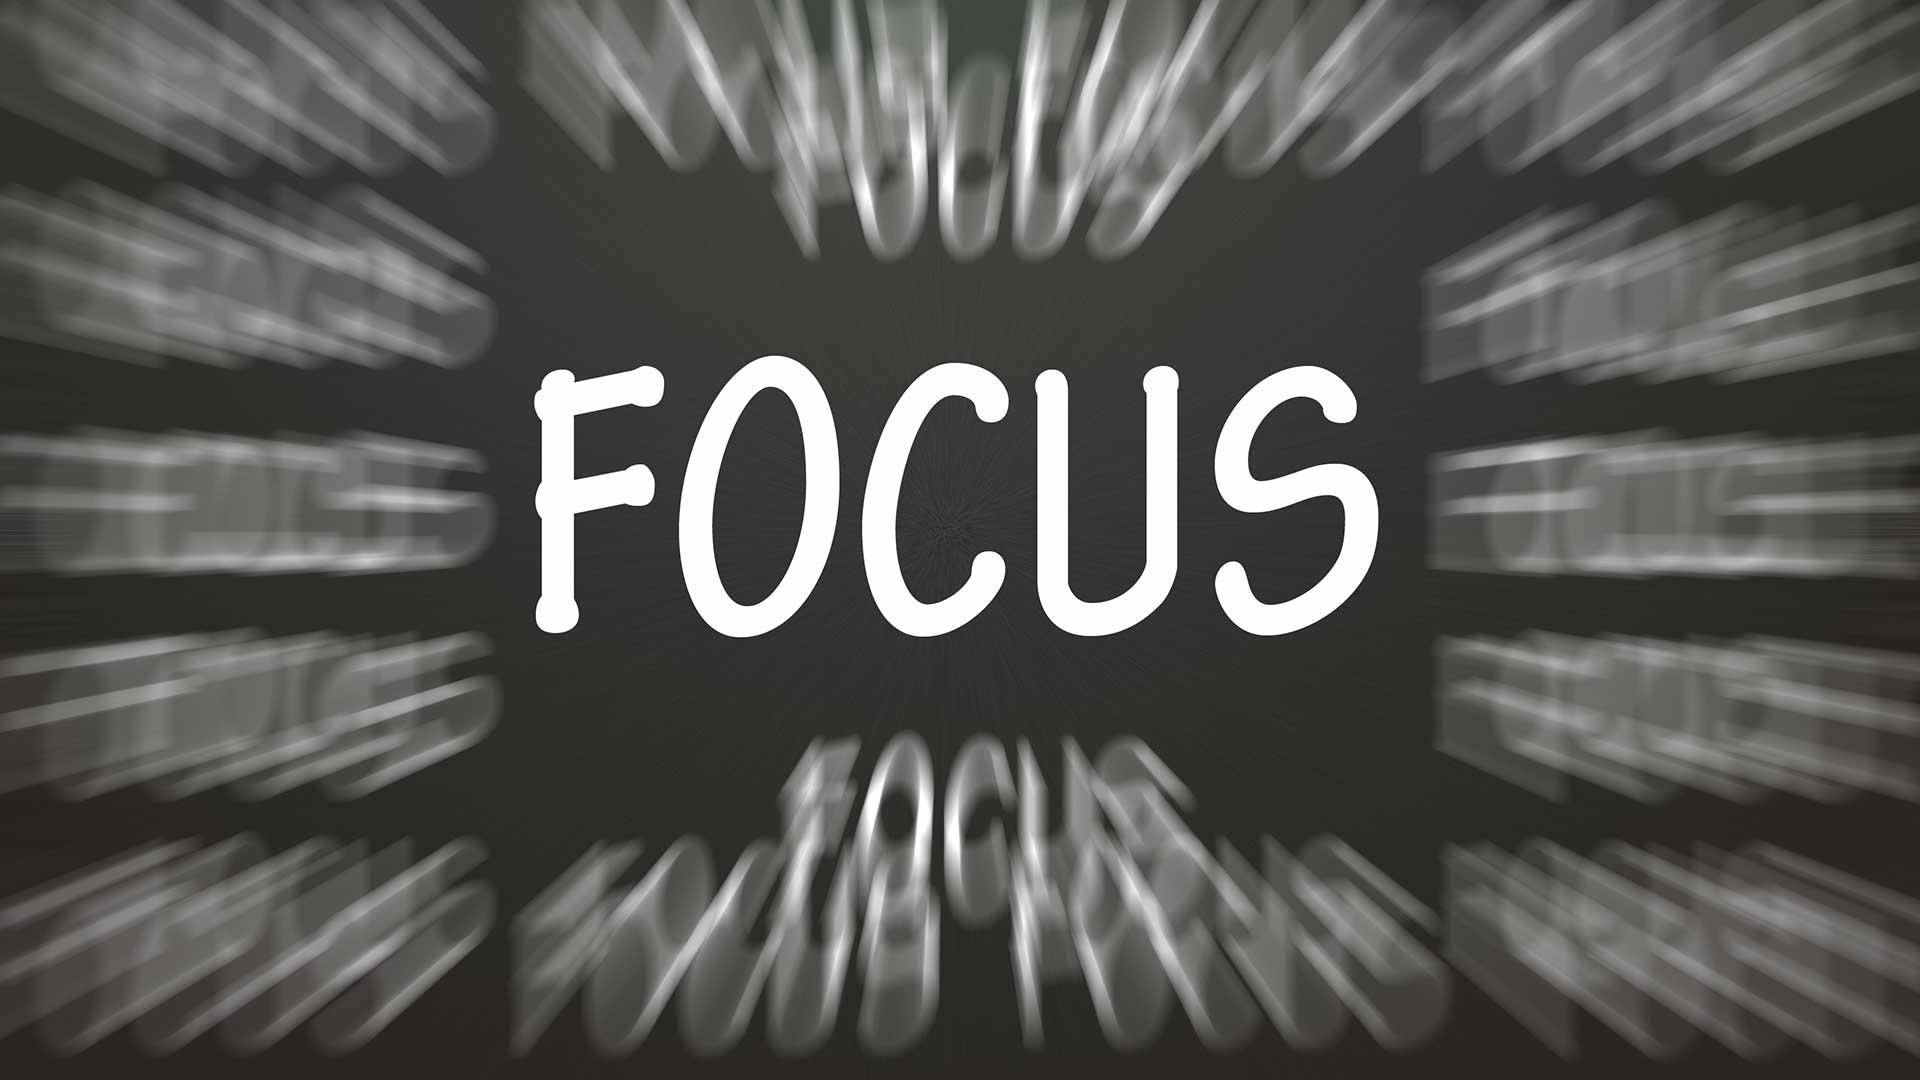 focus-1-1920 - Tim & Julie Harris® Real Estate Coaching